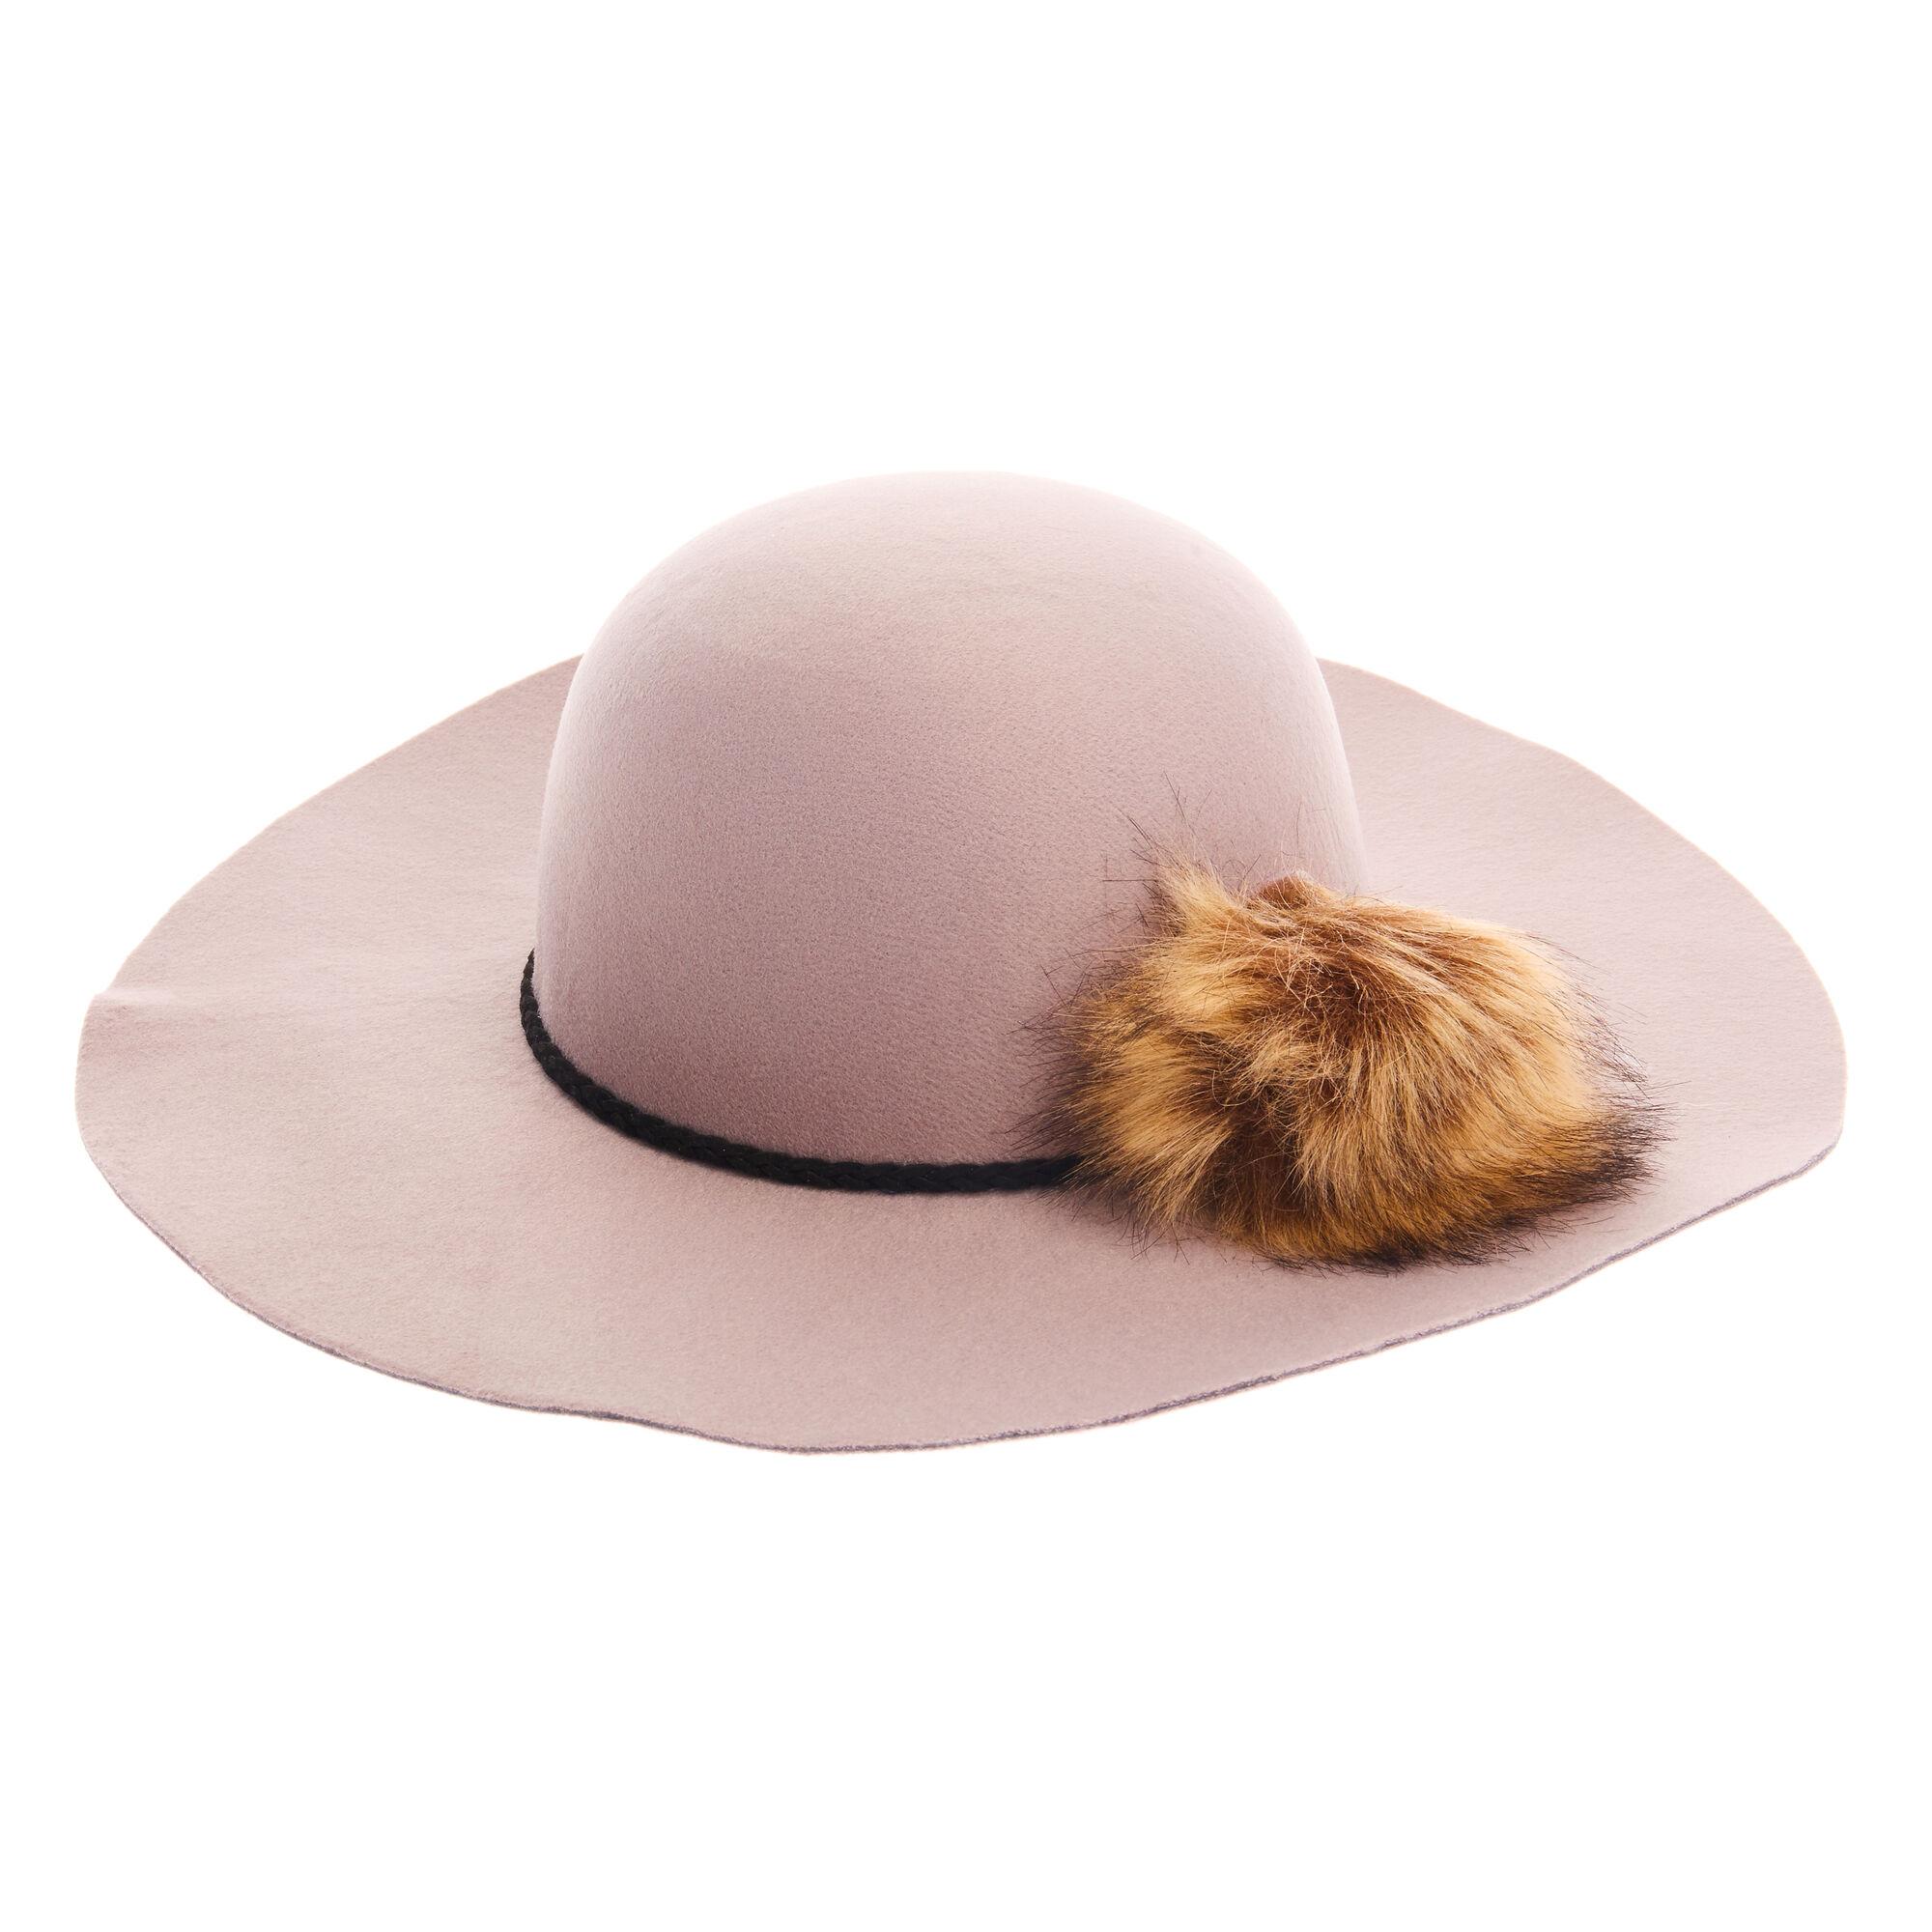 Grey Pom Pom Floppy Felt Hat  836f2cad5413